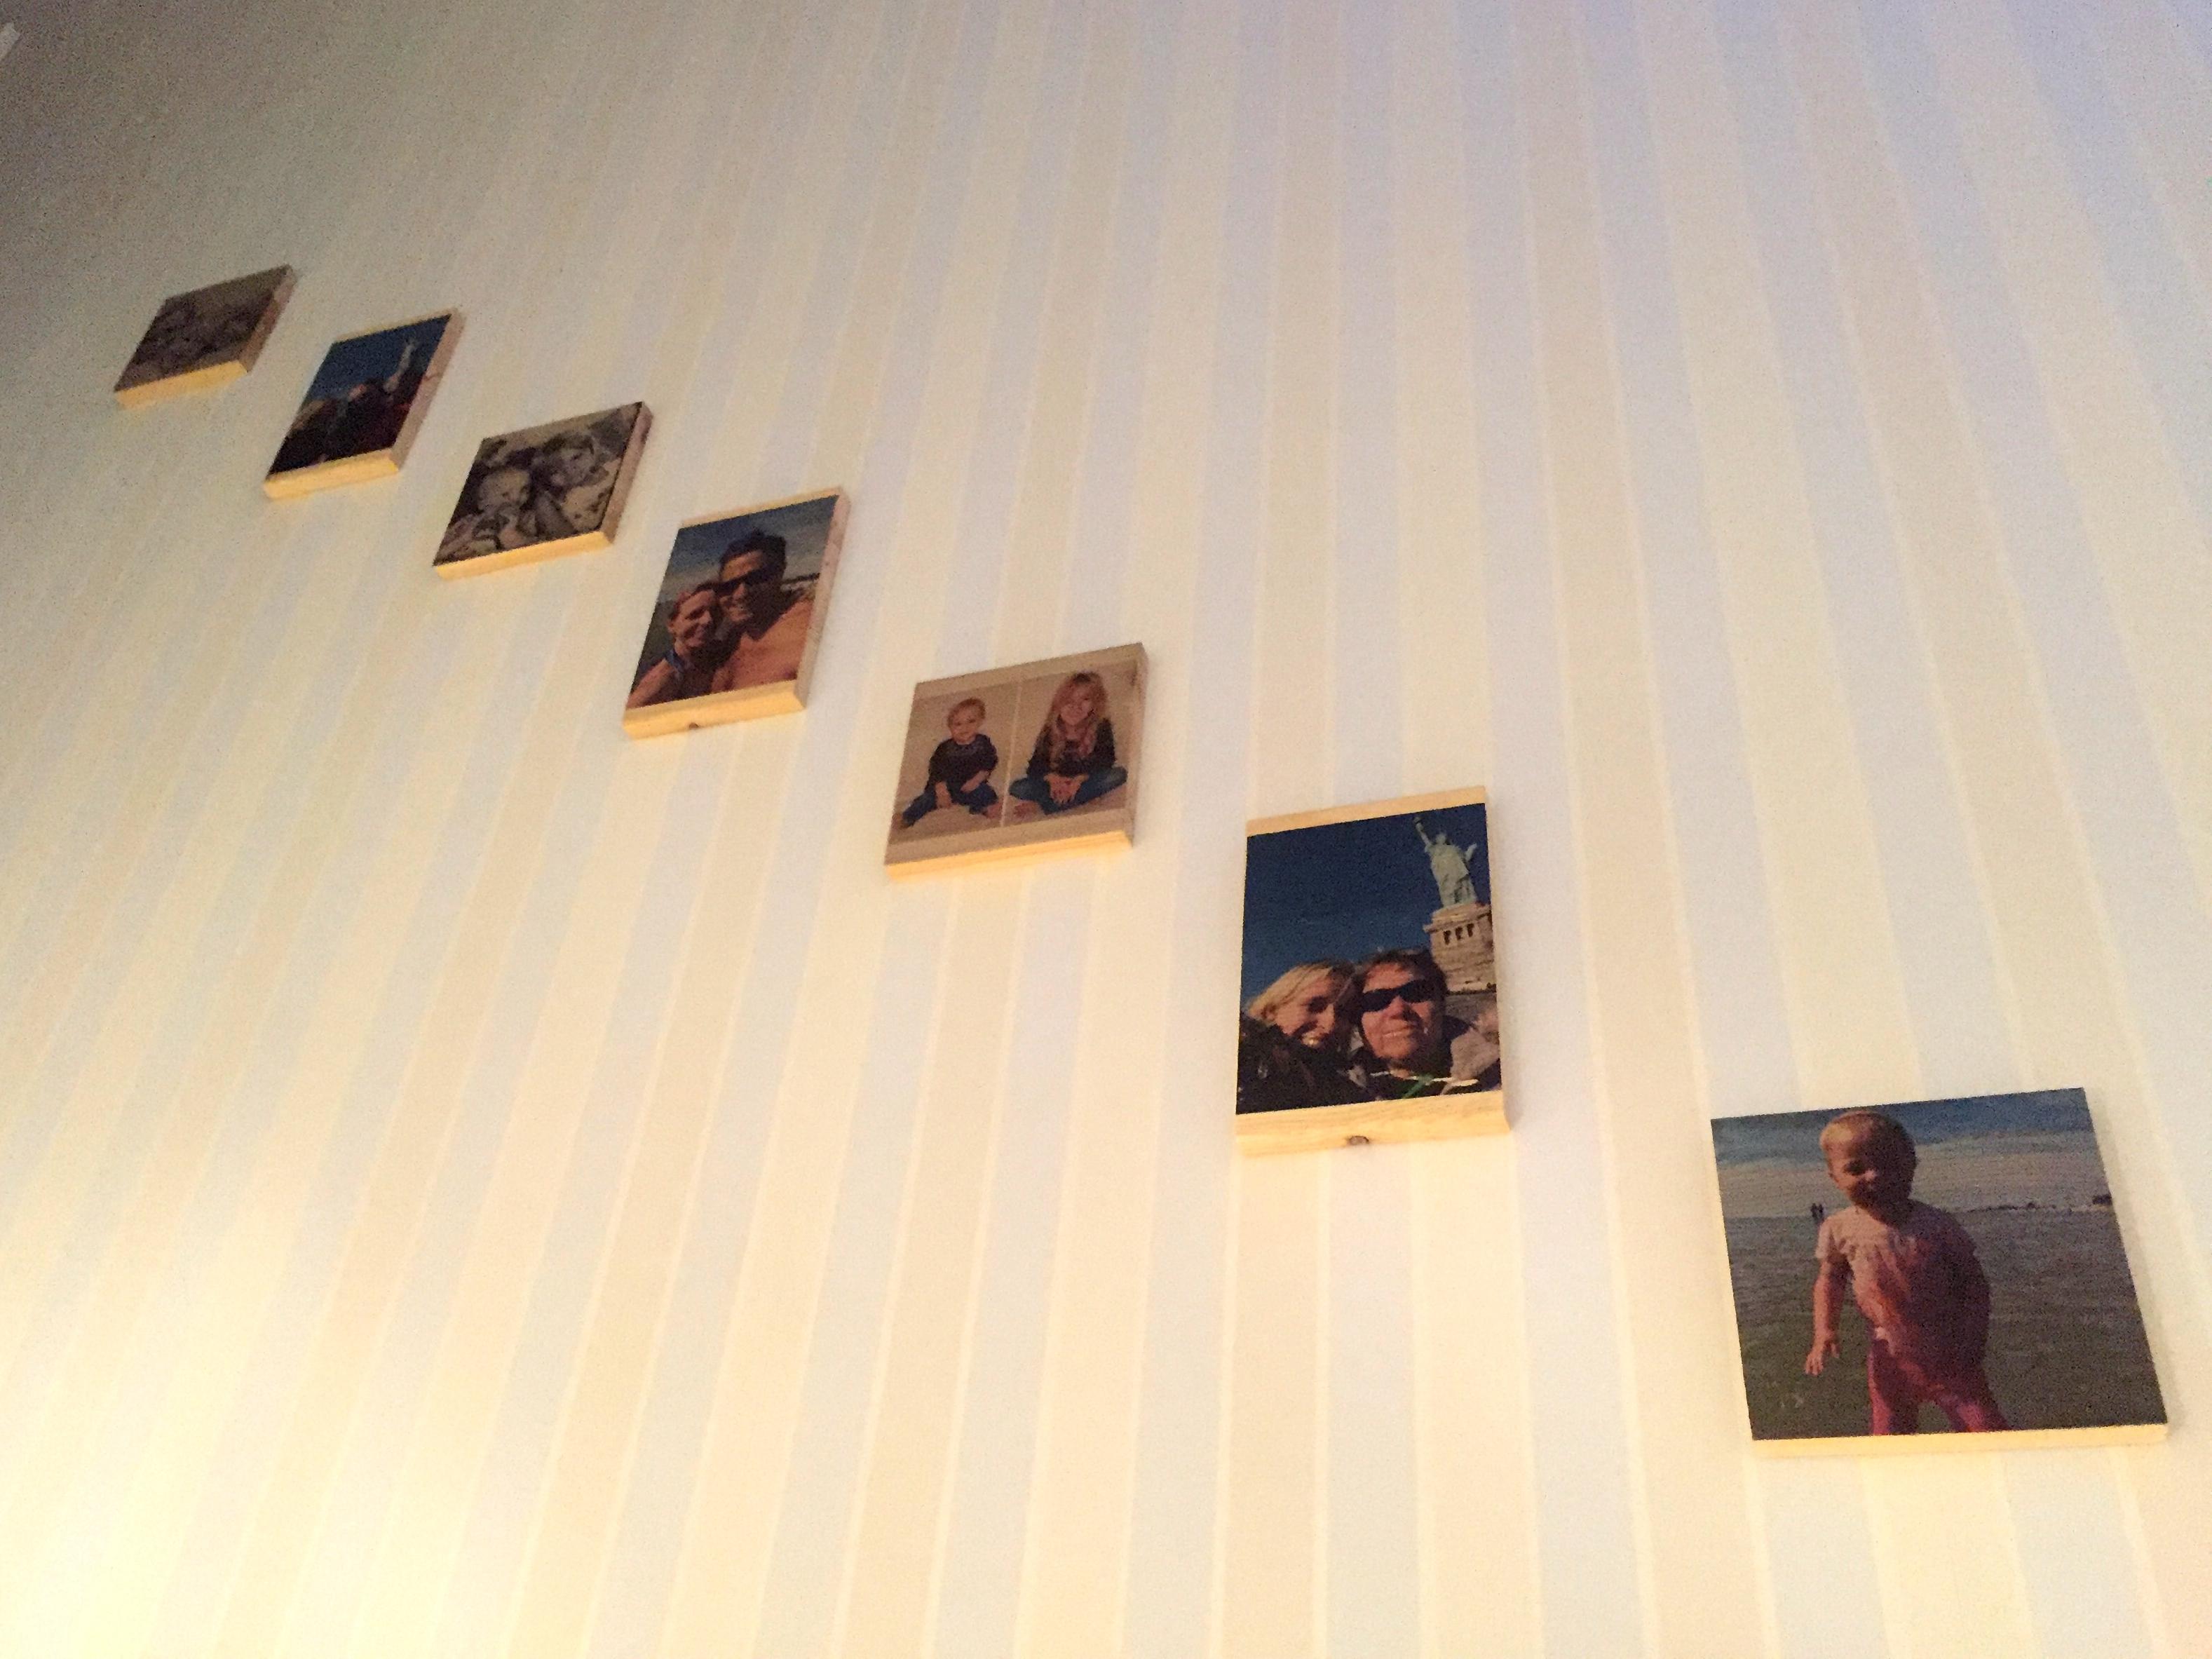 Fototransfer Fotos Auf Holz übertragen Herz Und Liebe Dinge